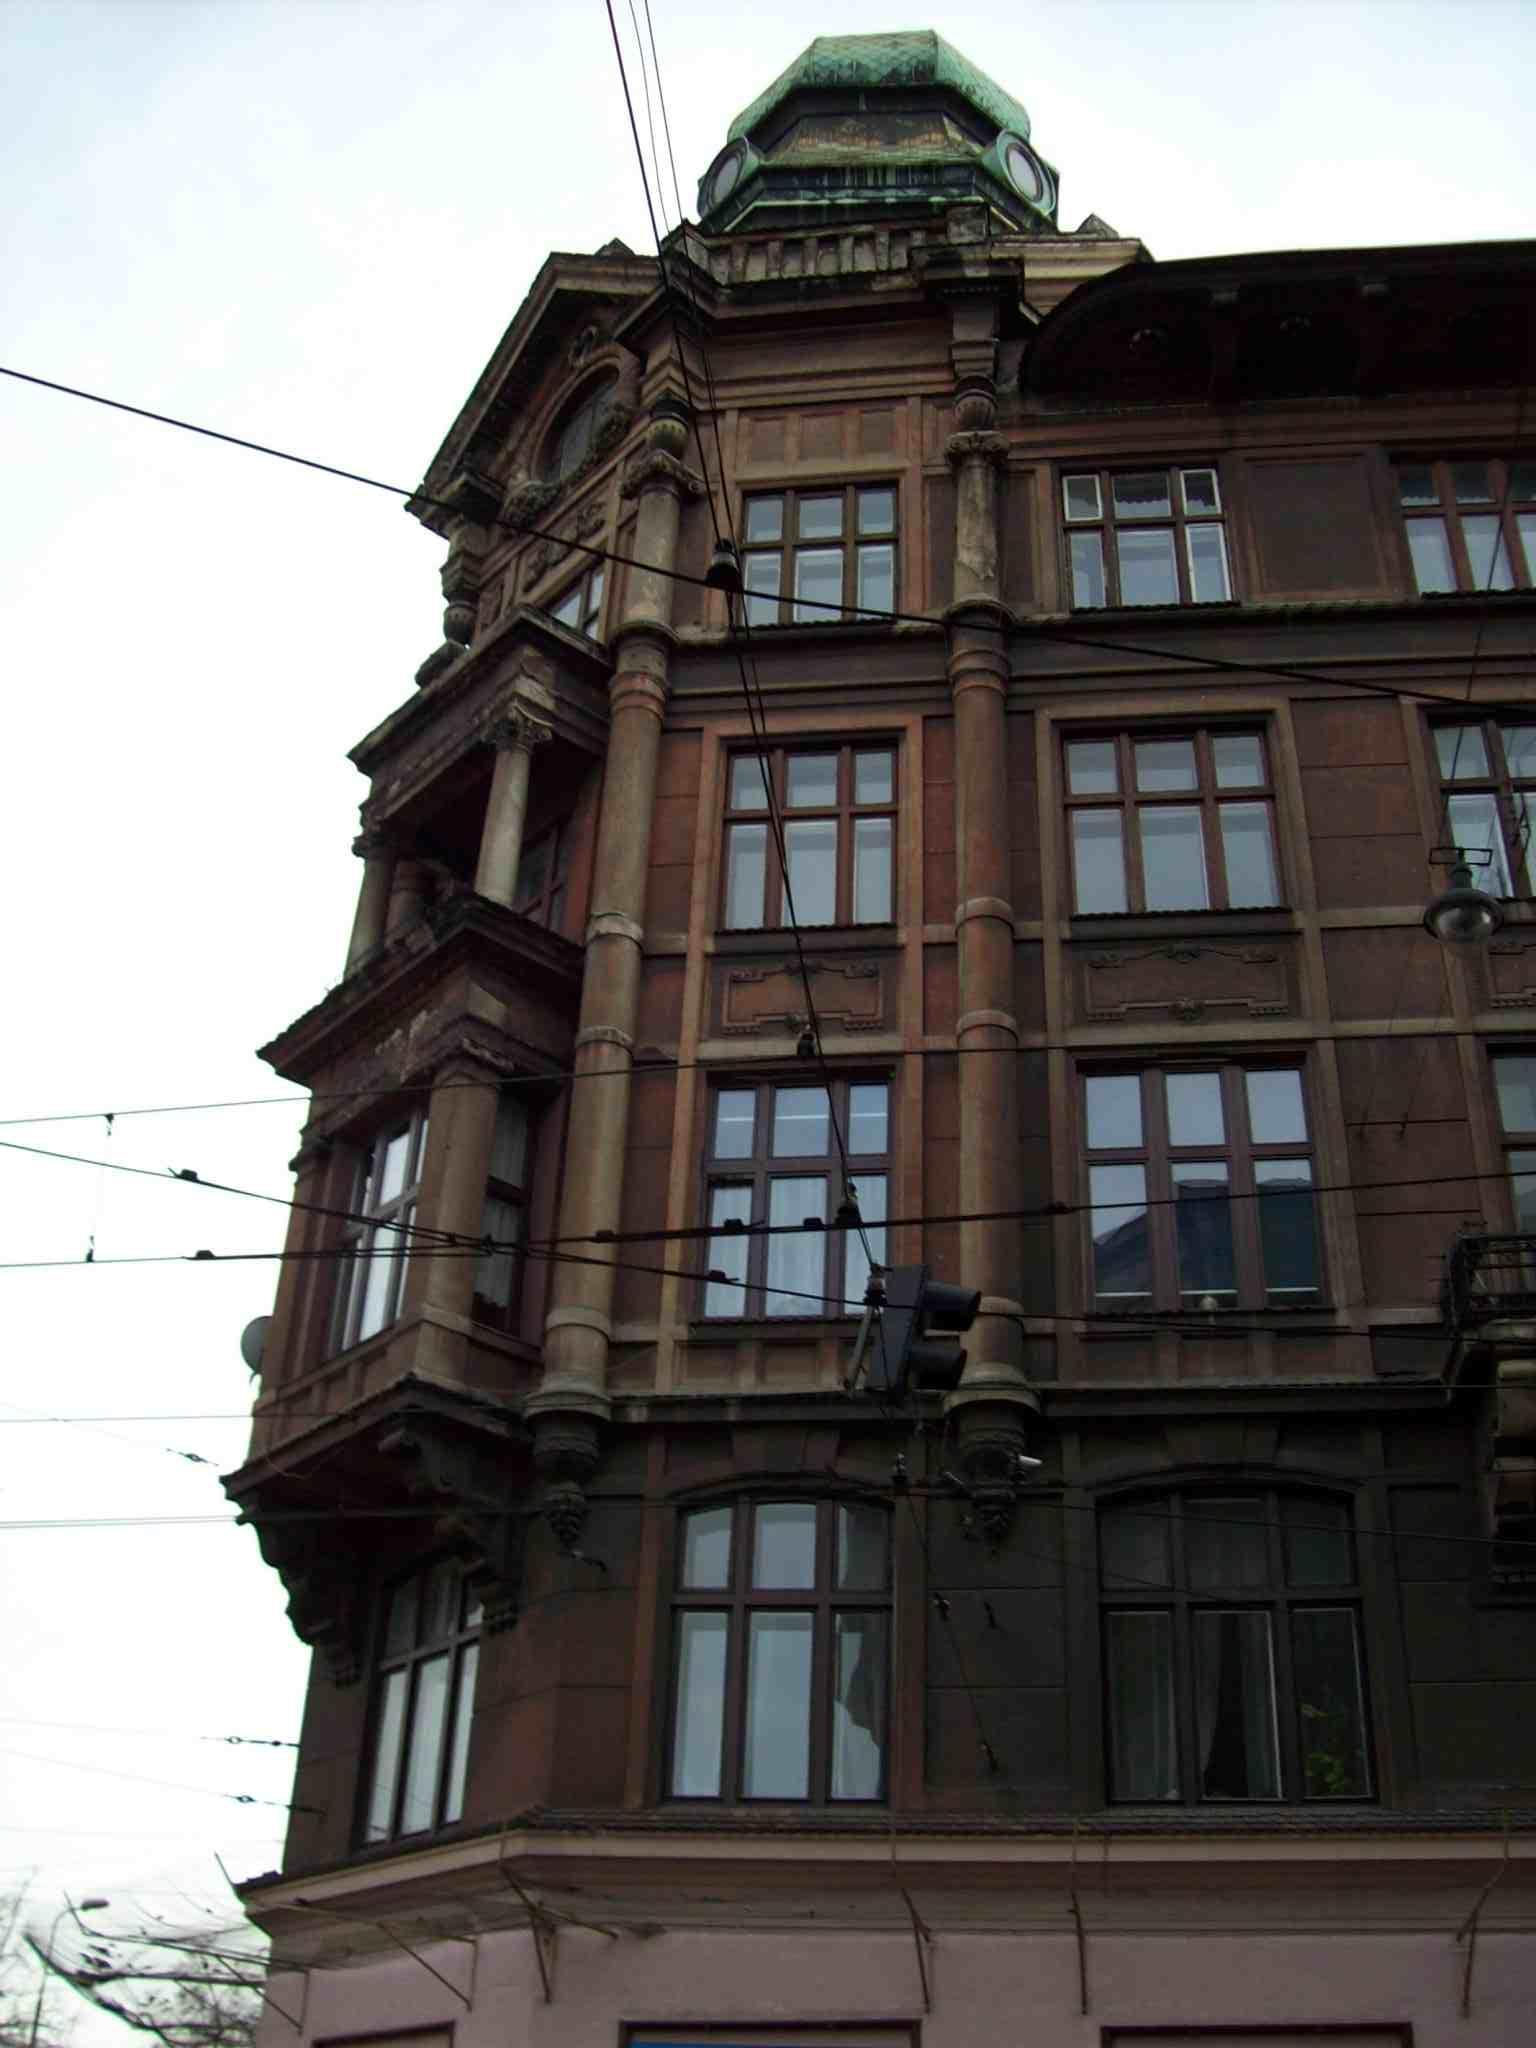 2. Minuscules à l'ombre de bâtiments démesurés